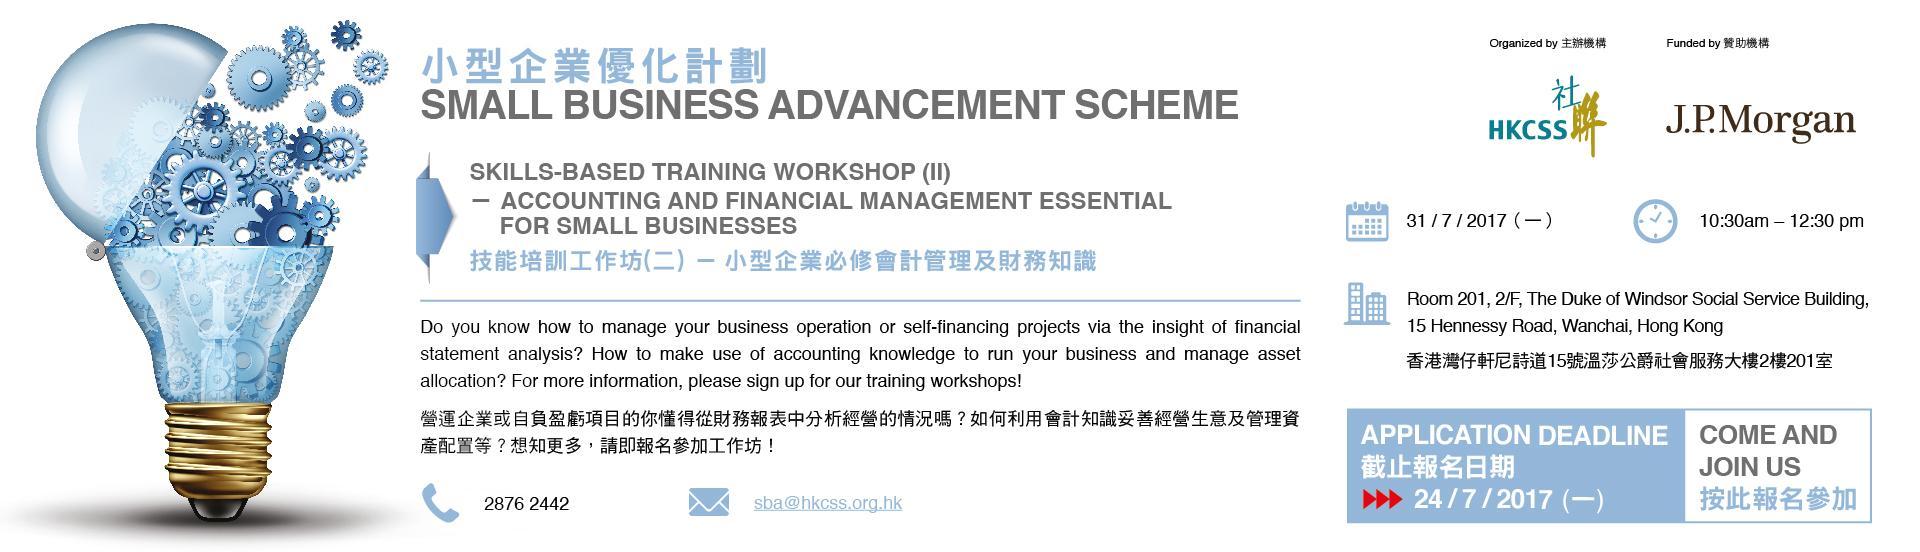 「小型企業優化計劃」技能培訓工作坊 (二) 接受報名